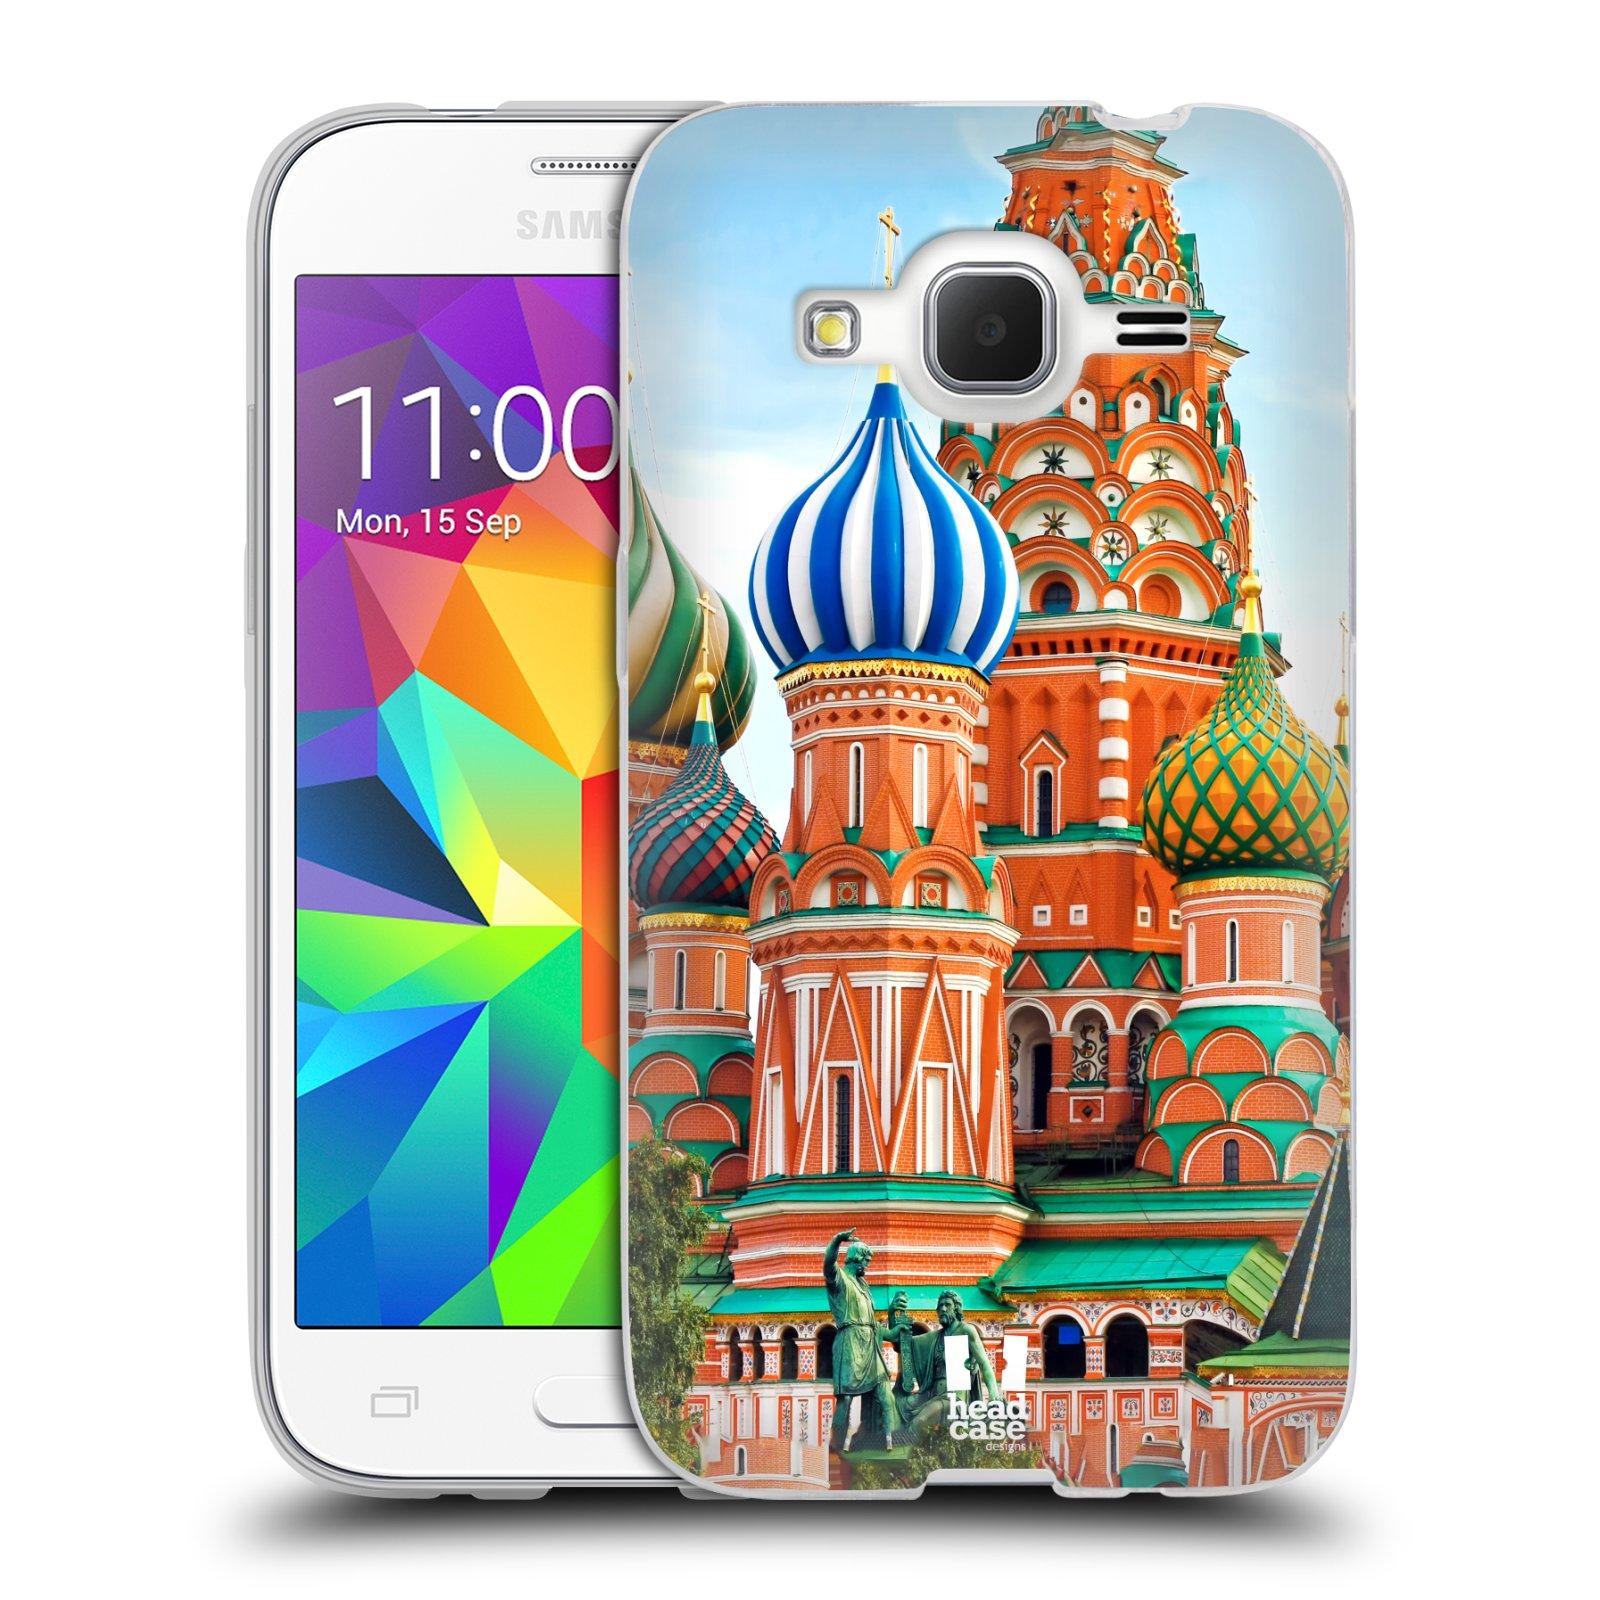 HEAD CASE silikonový obal na mobil Samsung Galaxy Core Prime (G360) vzor Města foto náměstí RUSKO,MOSKVA, RUDÉ NÁMĚSTÍ